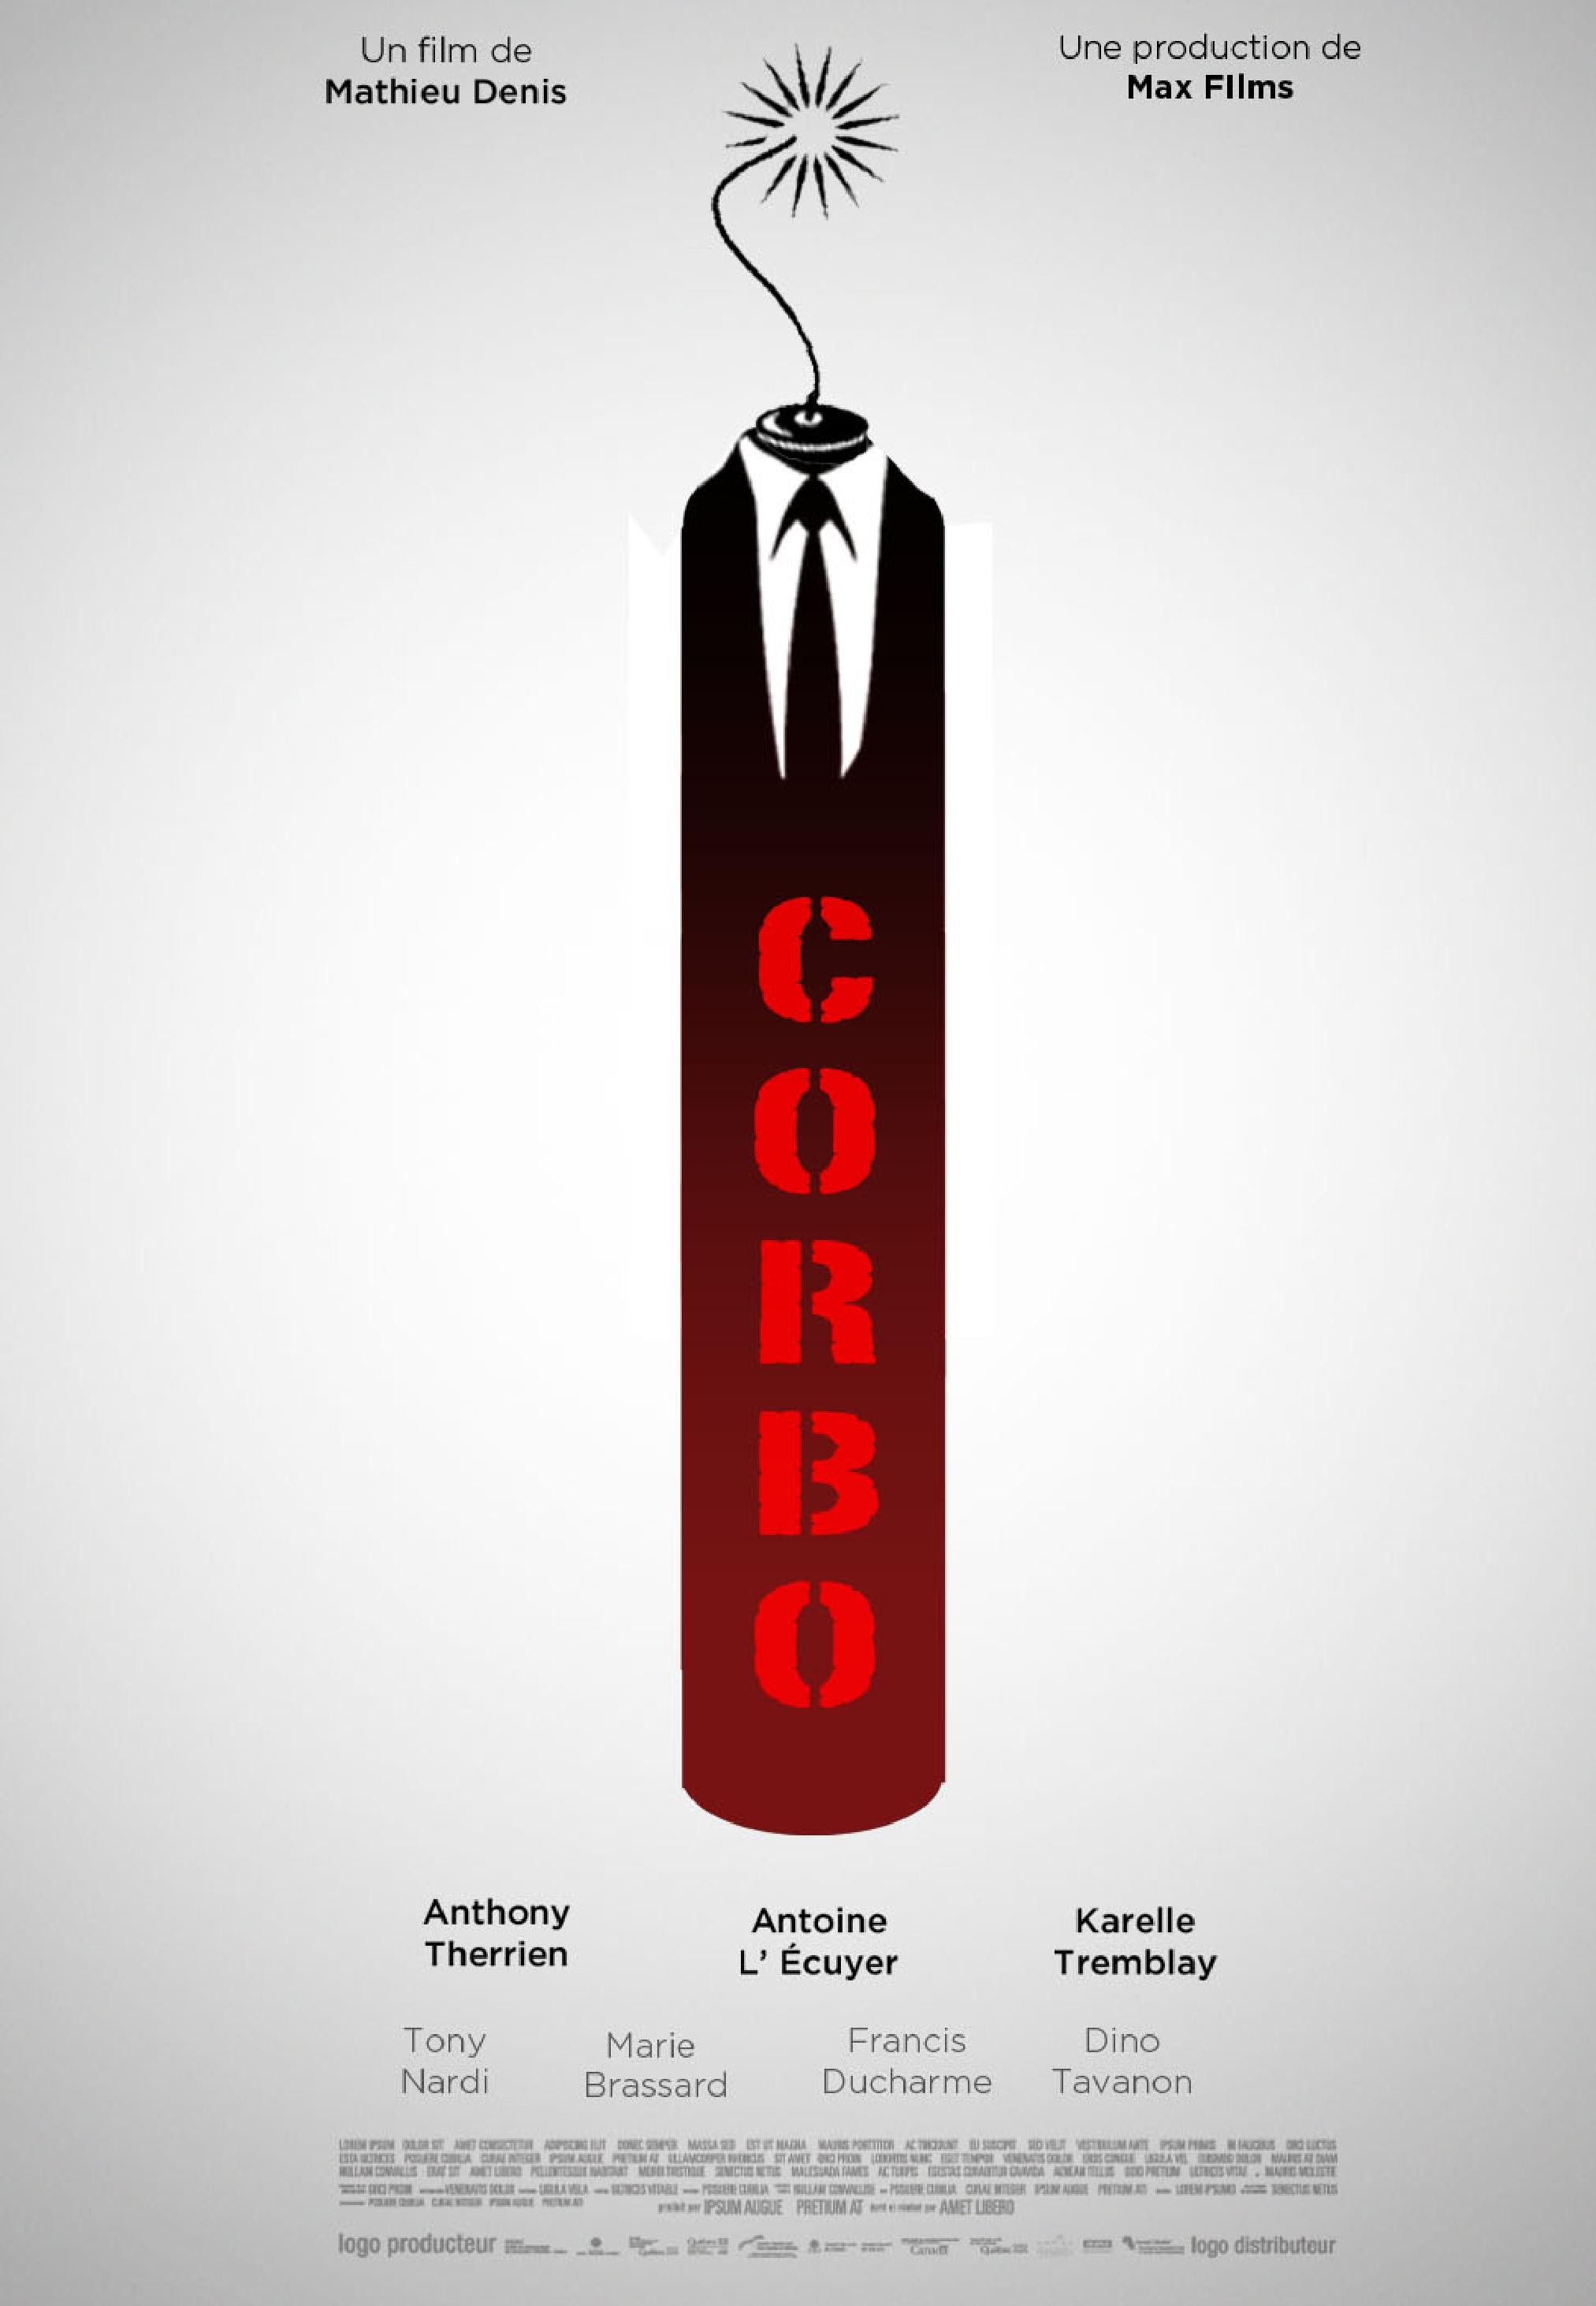 CORBO-Poster-RENZO-27oct_00019.jpg